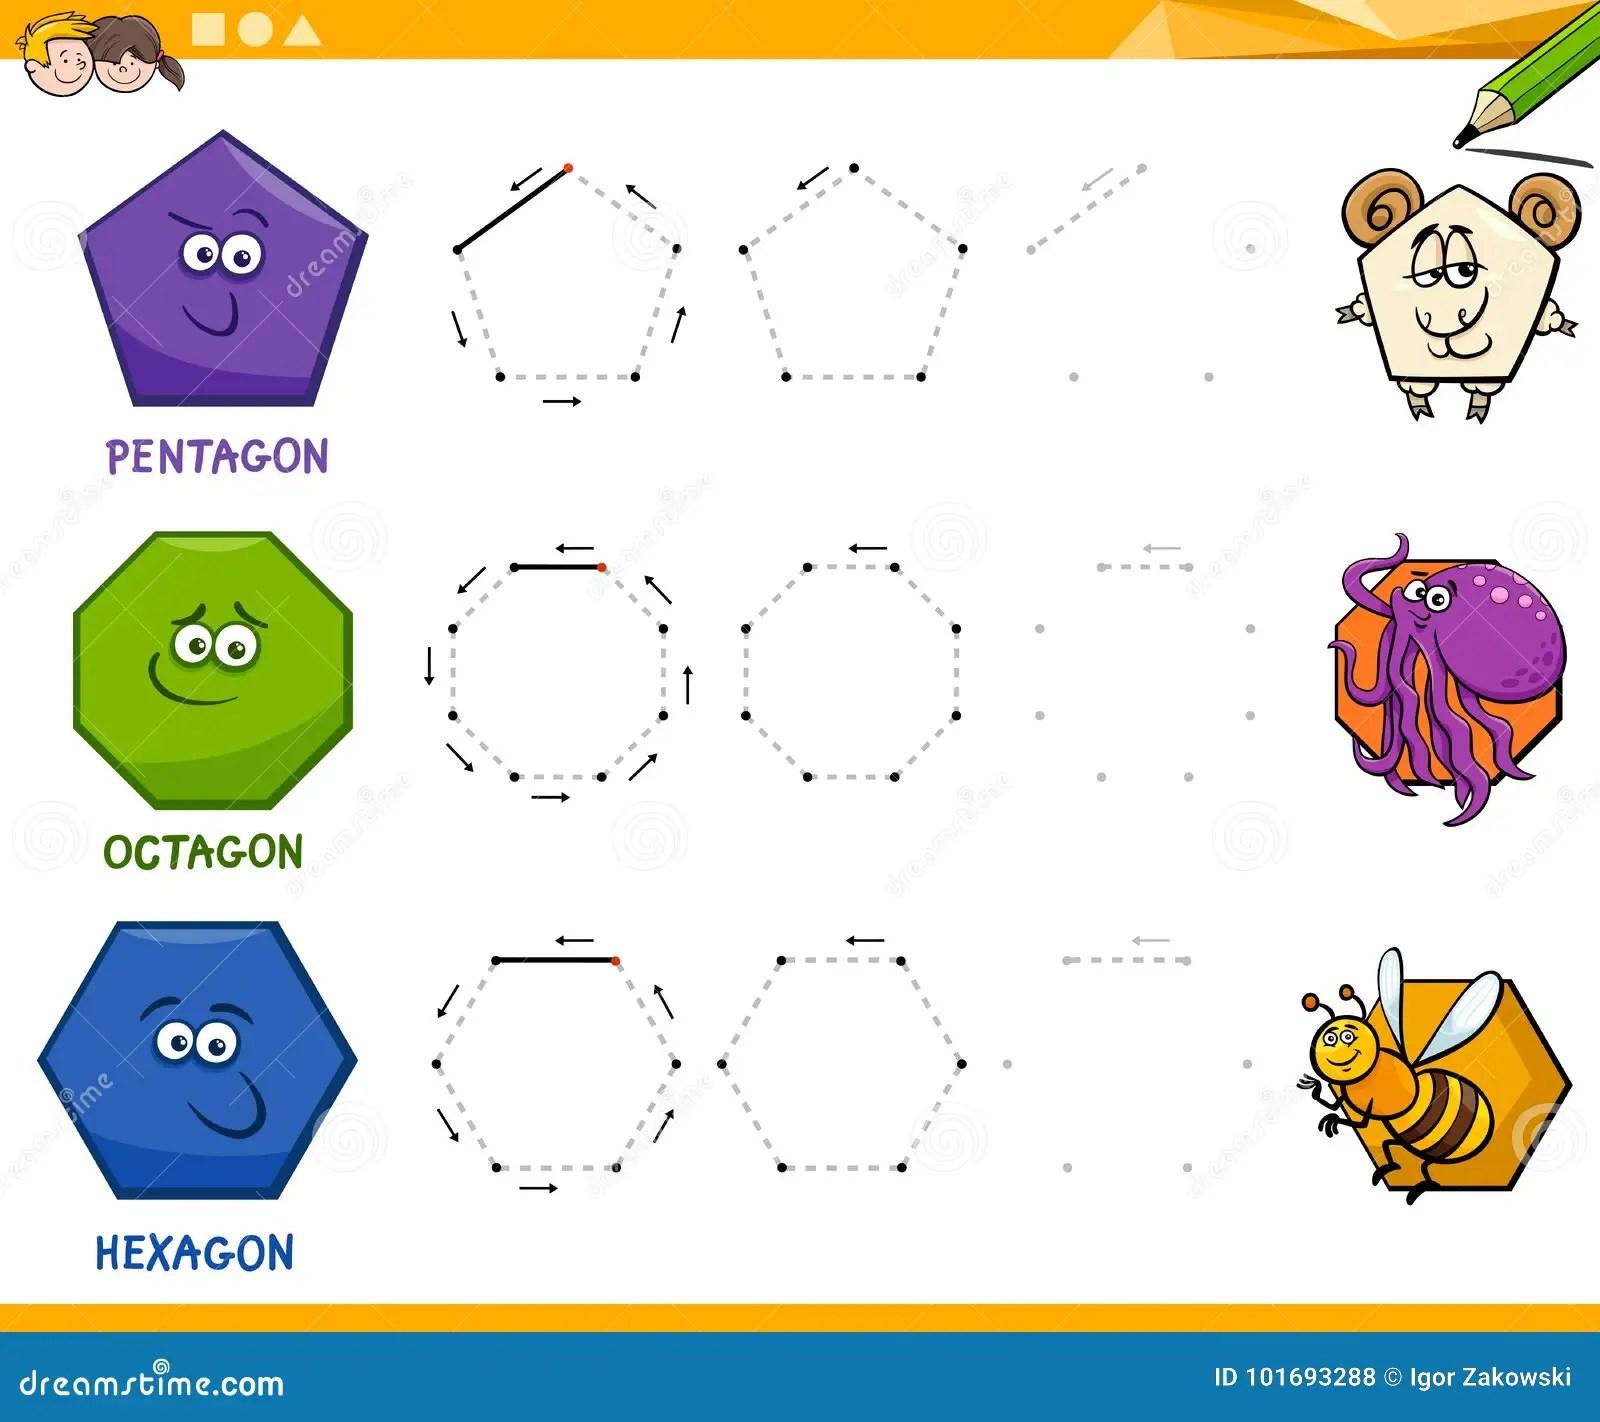 Elementary Worksheet On Shapes